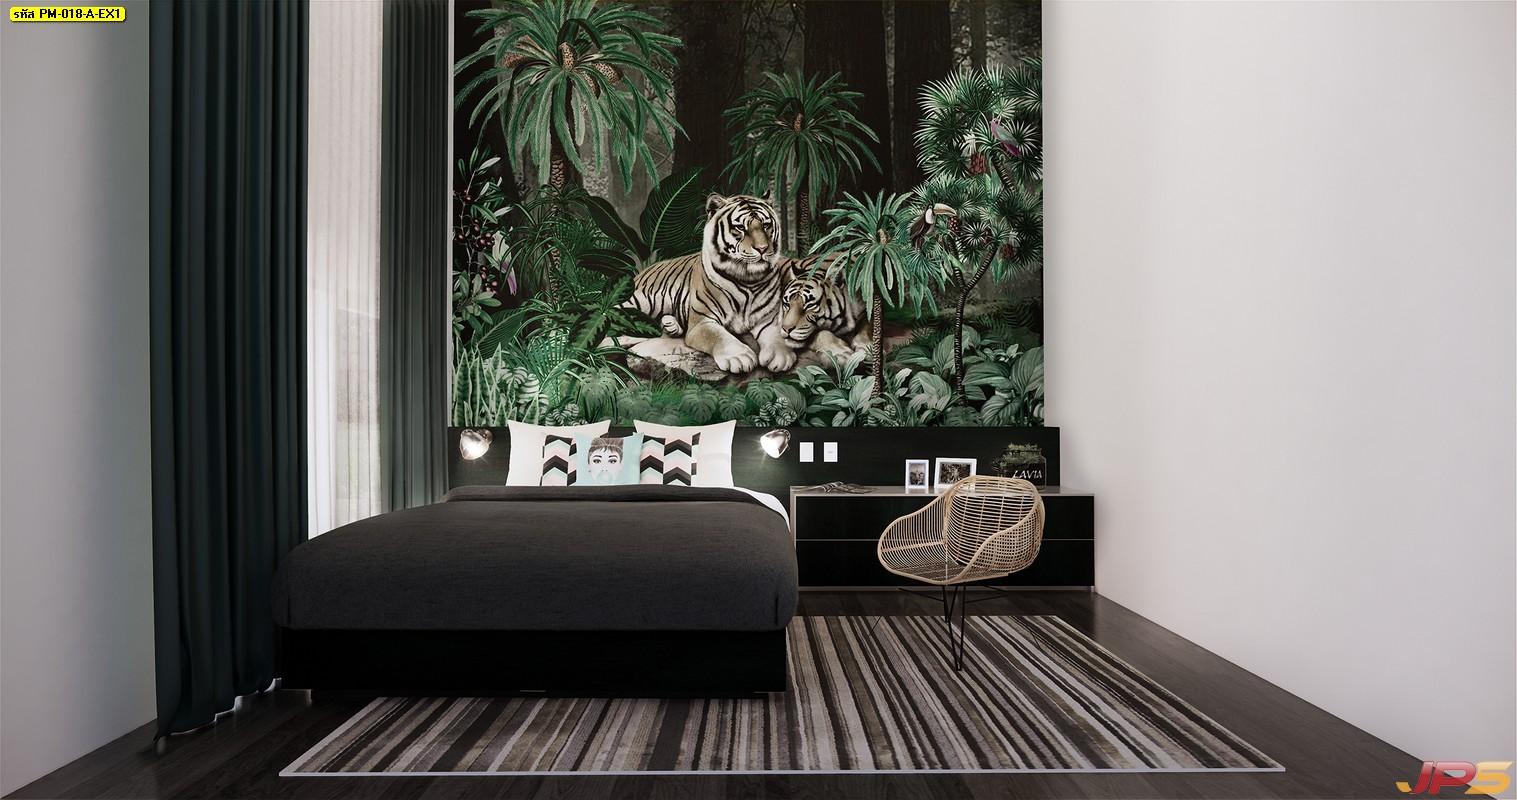 Wallpaper สั่งทำราคาถูก สวนป่าเสือโคร่ง ติดผนังห้องนอน